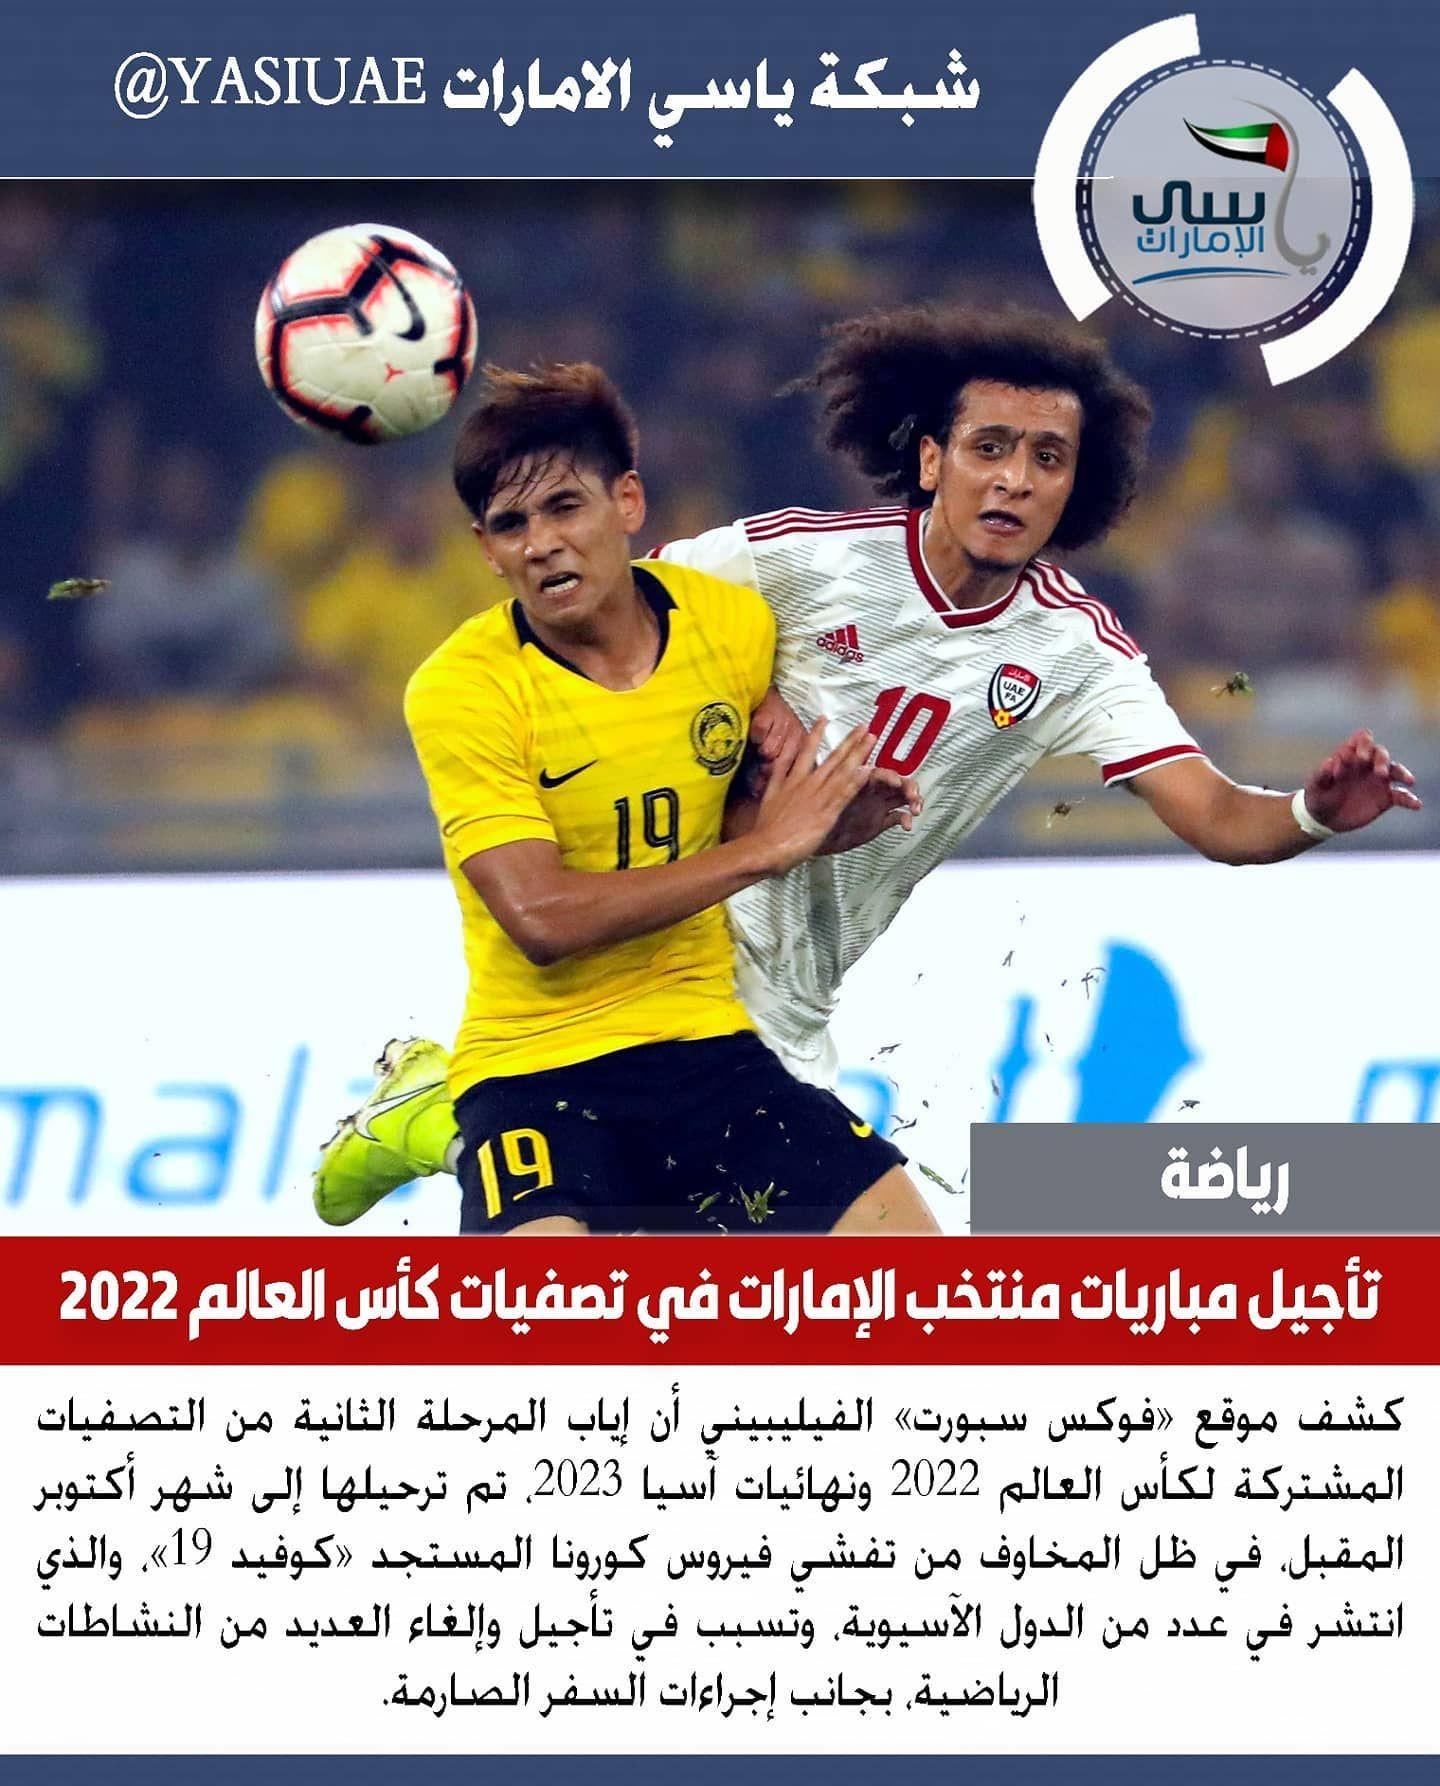 ياسي الامارات تأجيل مباريات منتخب الإمارات في تصفيات كأس العالم 2022 شبكة ياسي الامارات شبكة ياسي الامارات الا Incoming Call Screenshot Incoming Call